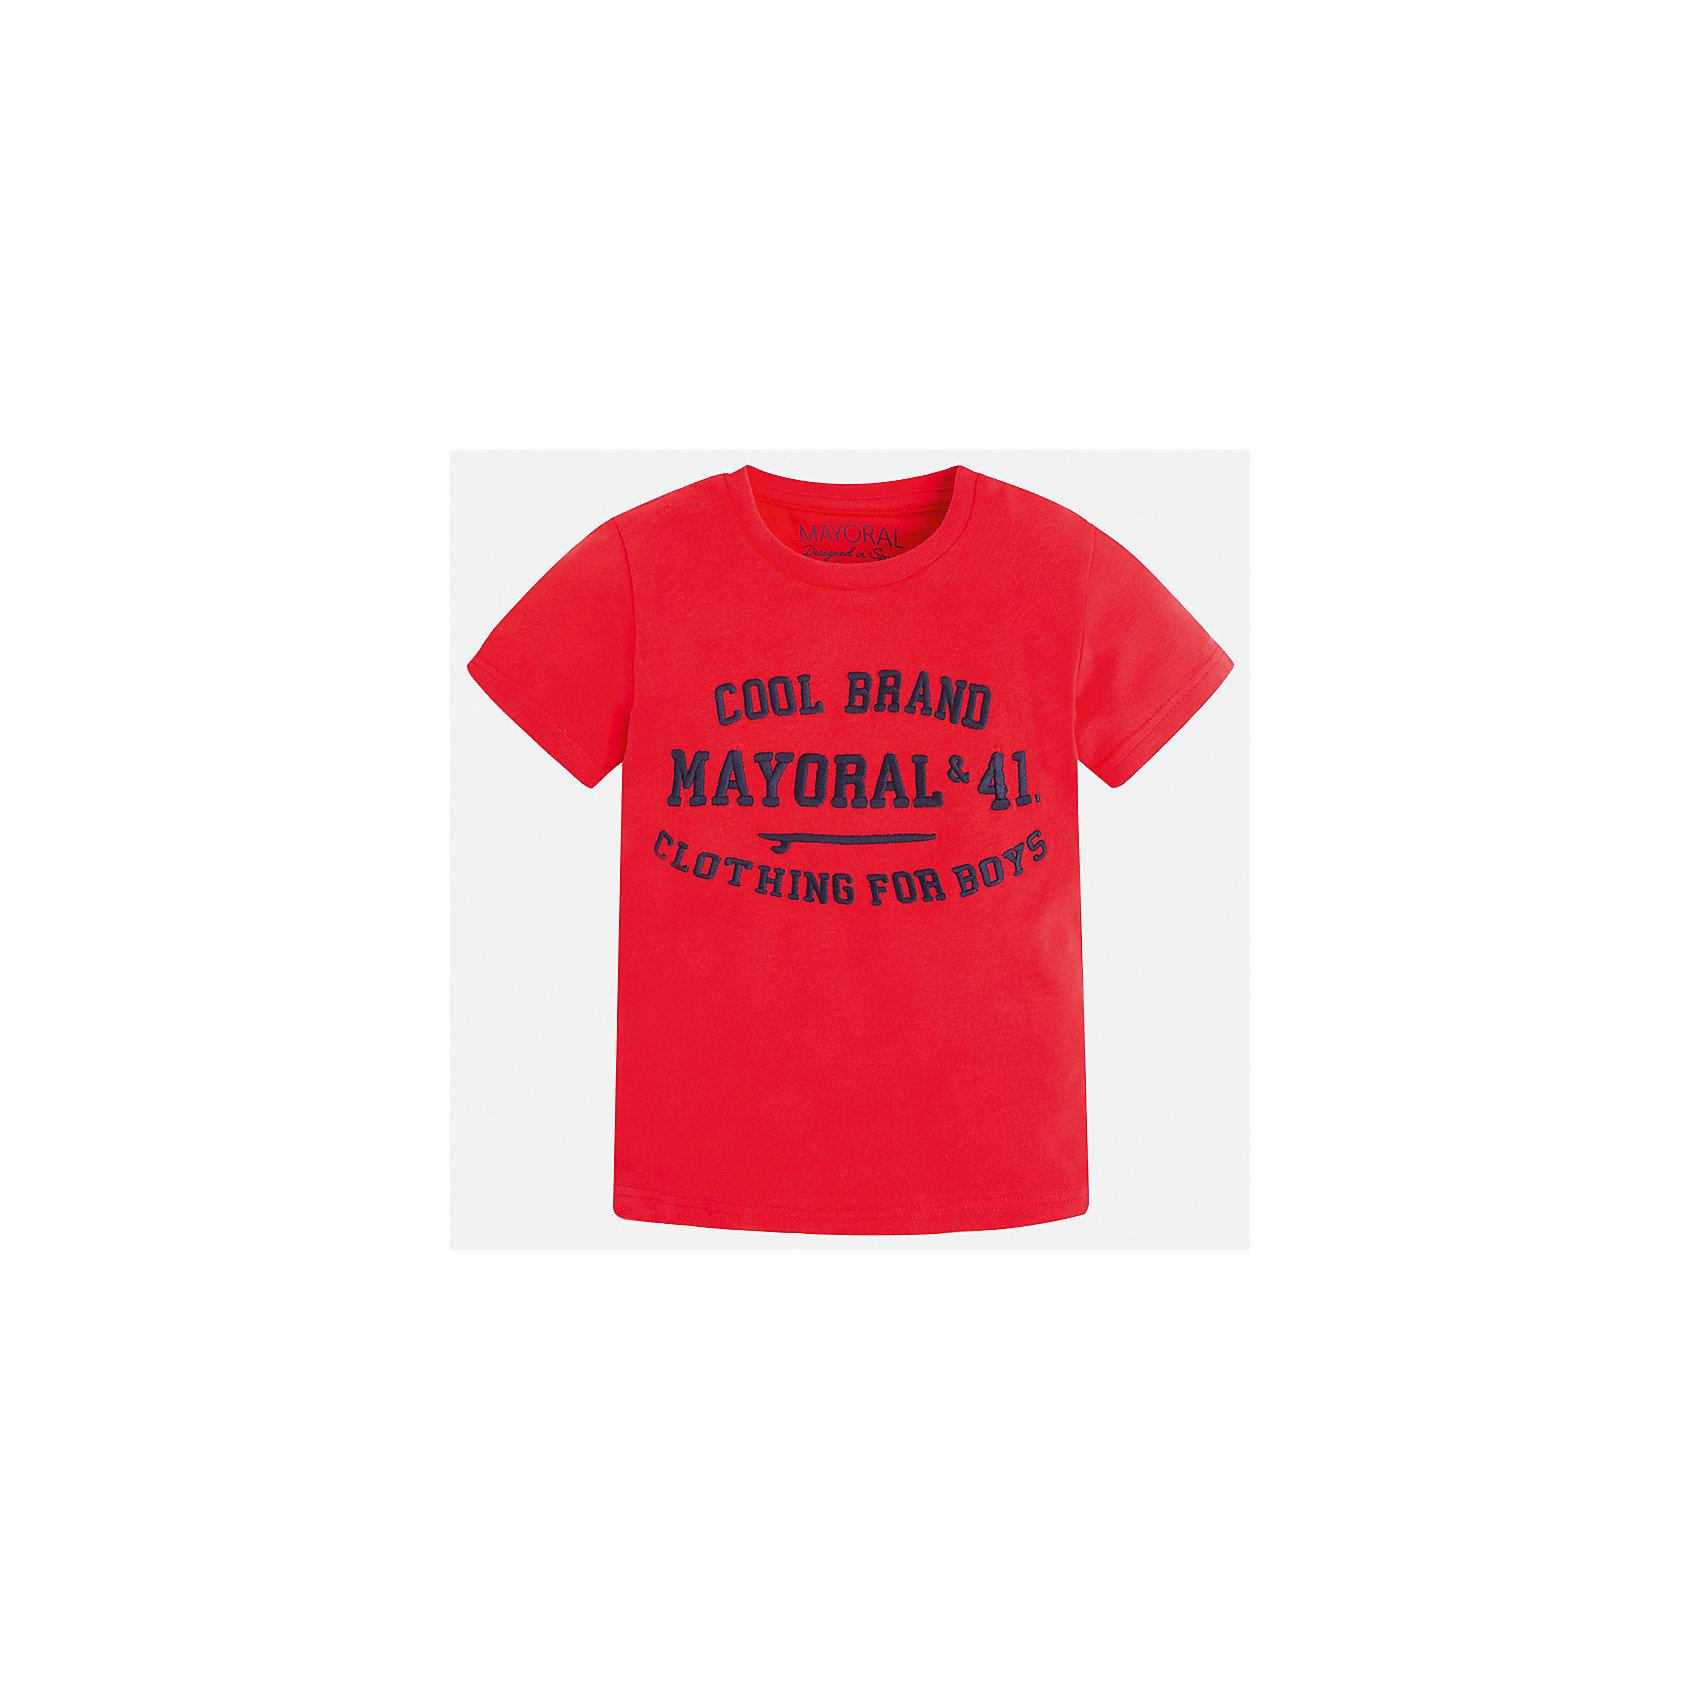 Футболка для мальчика MayoralФутболки, поло и топы<br>Характеристики товара:<br><br>• цвет: красный<br>• состав: 100% хлопок<br>• мягкая отделка ворота<br>• короткие рукава<br>• округлая горловина<br>• декорирована принтом<br>• страна бренда: Испания<br><br>Стильная удобная футболка для мальчика может стать базовой вещью в гардеробе ребенка. Она отлично сочетается с брюками, шортами, джинсами. Универсальный крой и цвет позволяет подобрать к вещи низ разных расцветок. Практичное и стильное изделие! В составе материала - только натуральный хлопок, гипоаллергенный, приятный на ощупь, дышащий.<br><br>Одежда, обувь и аксессуары от испанского бренда Mayoral полюбились детям и взрослым по всему миру. Модели этой марки - стильные и удобные. Для их производства используются только безопасные, качественные материалы и фурнитура. Порадуйте ребенка модными и красивыми вещами от Mayoral! <br><br>Футболку для мальчика от испанского бренда Mayoral (Майорал) можно купить в нашем интернет-магазине.<br><br>Ширина мм: 199<br>Глубина мм: 10<br>Высота мм: 161<br>Вес г: 151<br>Цвет: красный<br>Возраст от месяцев: 96<br>Возраст до месяцев: 108<br>Пол: Мужской<br>Возраст: Детский<br>Размер: 134,128,122,116,110,104,98,92<br>SKU: 5277821